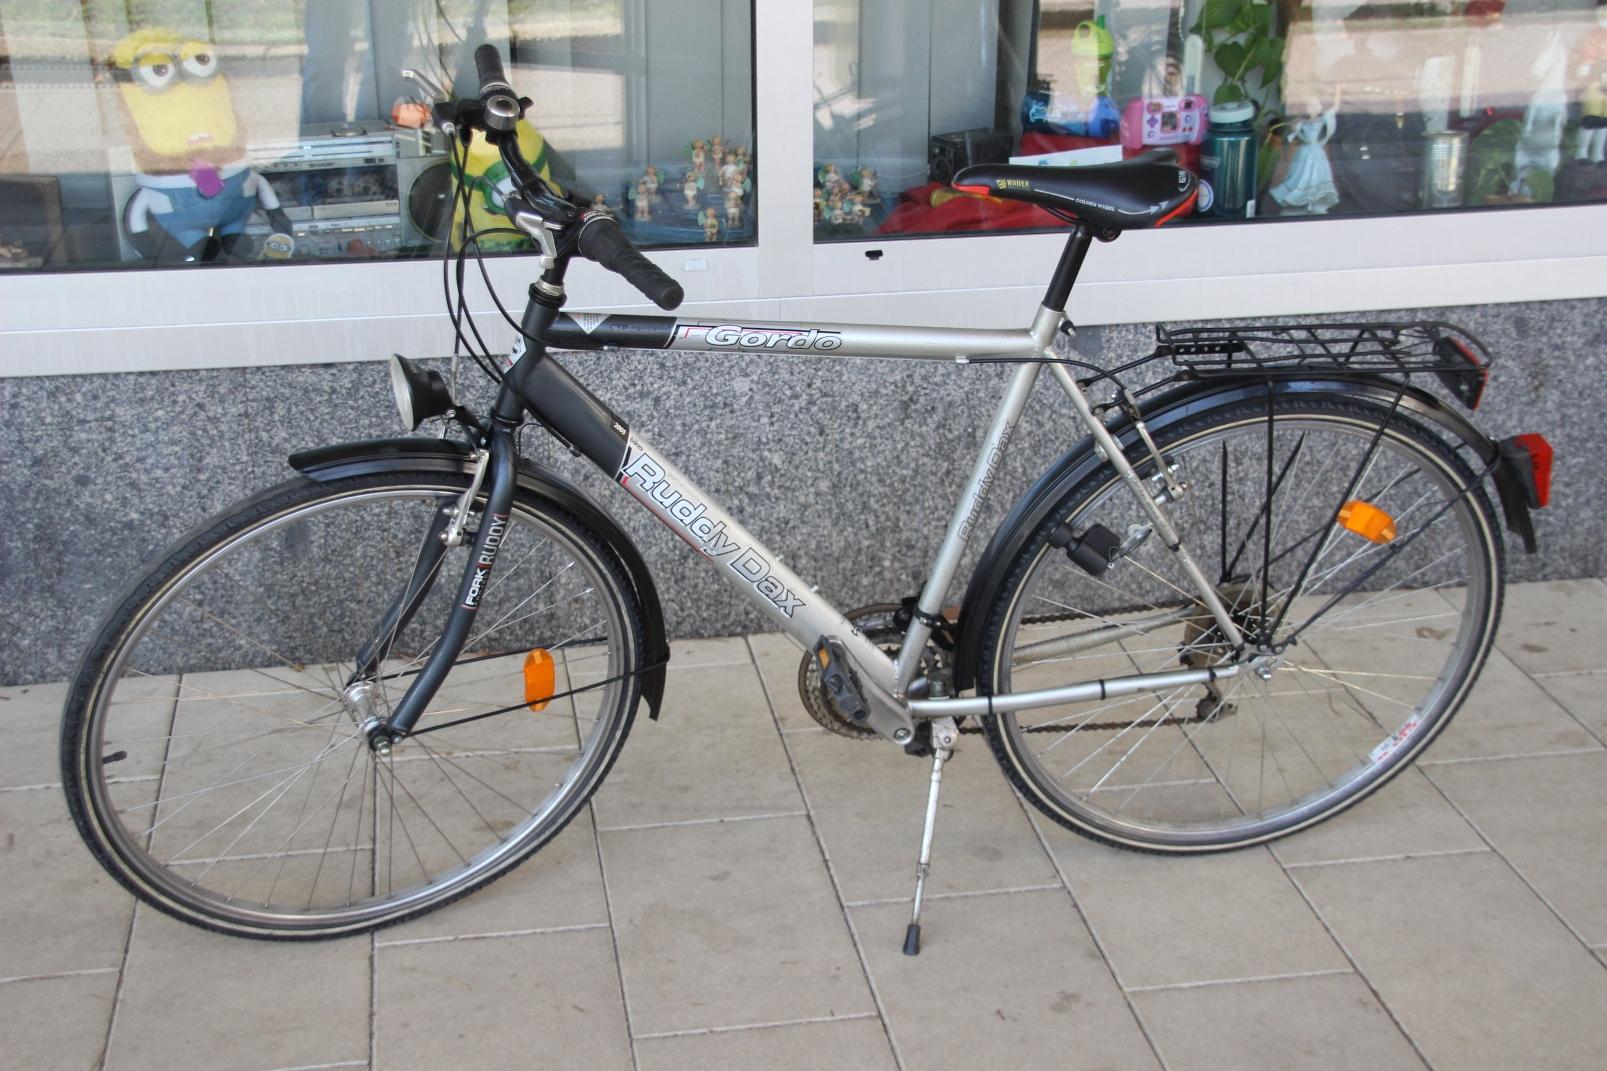 Ruddy Dax Fahrrad